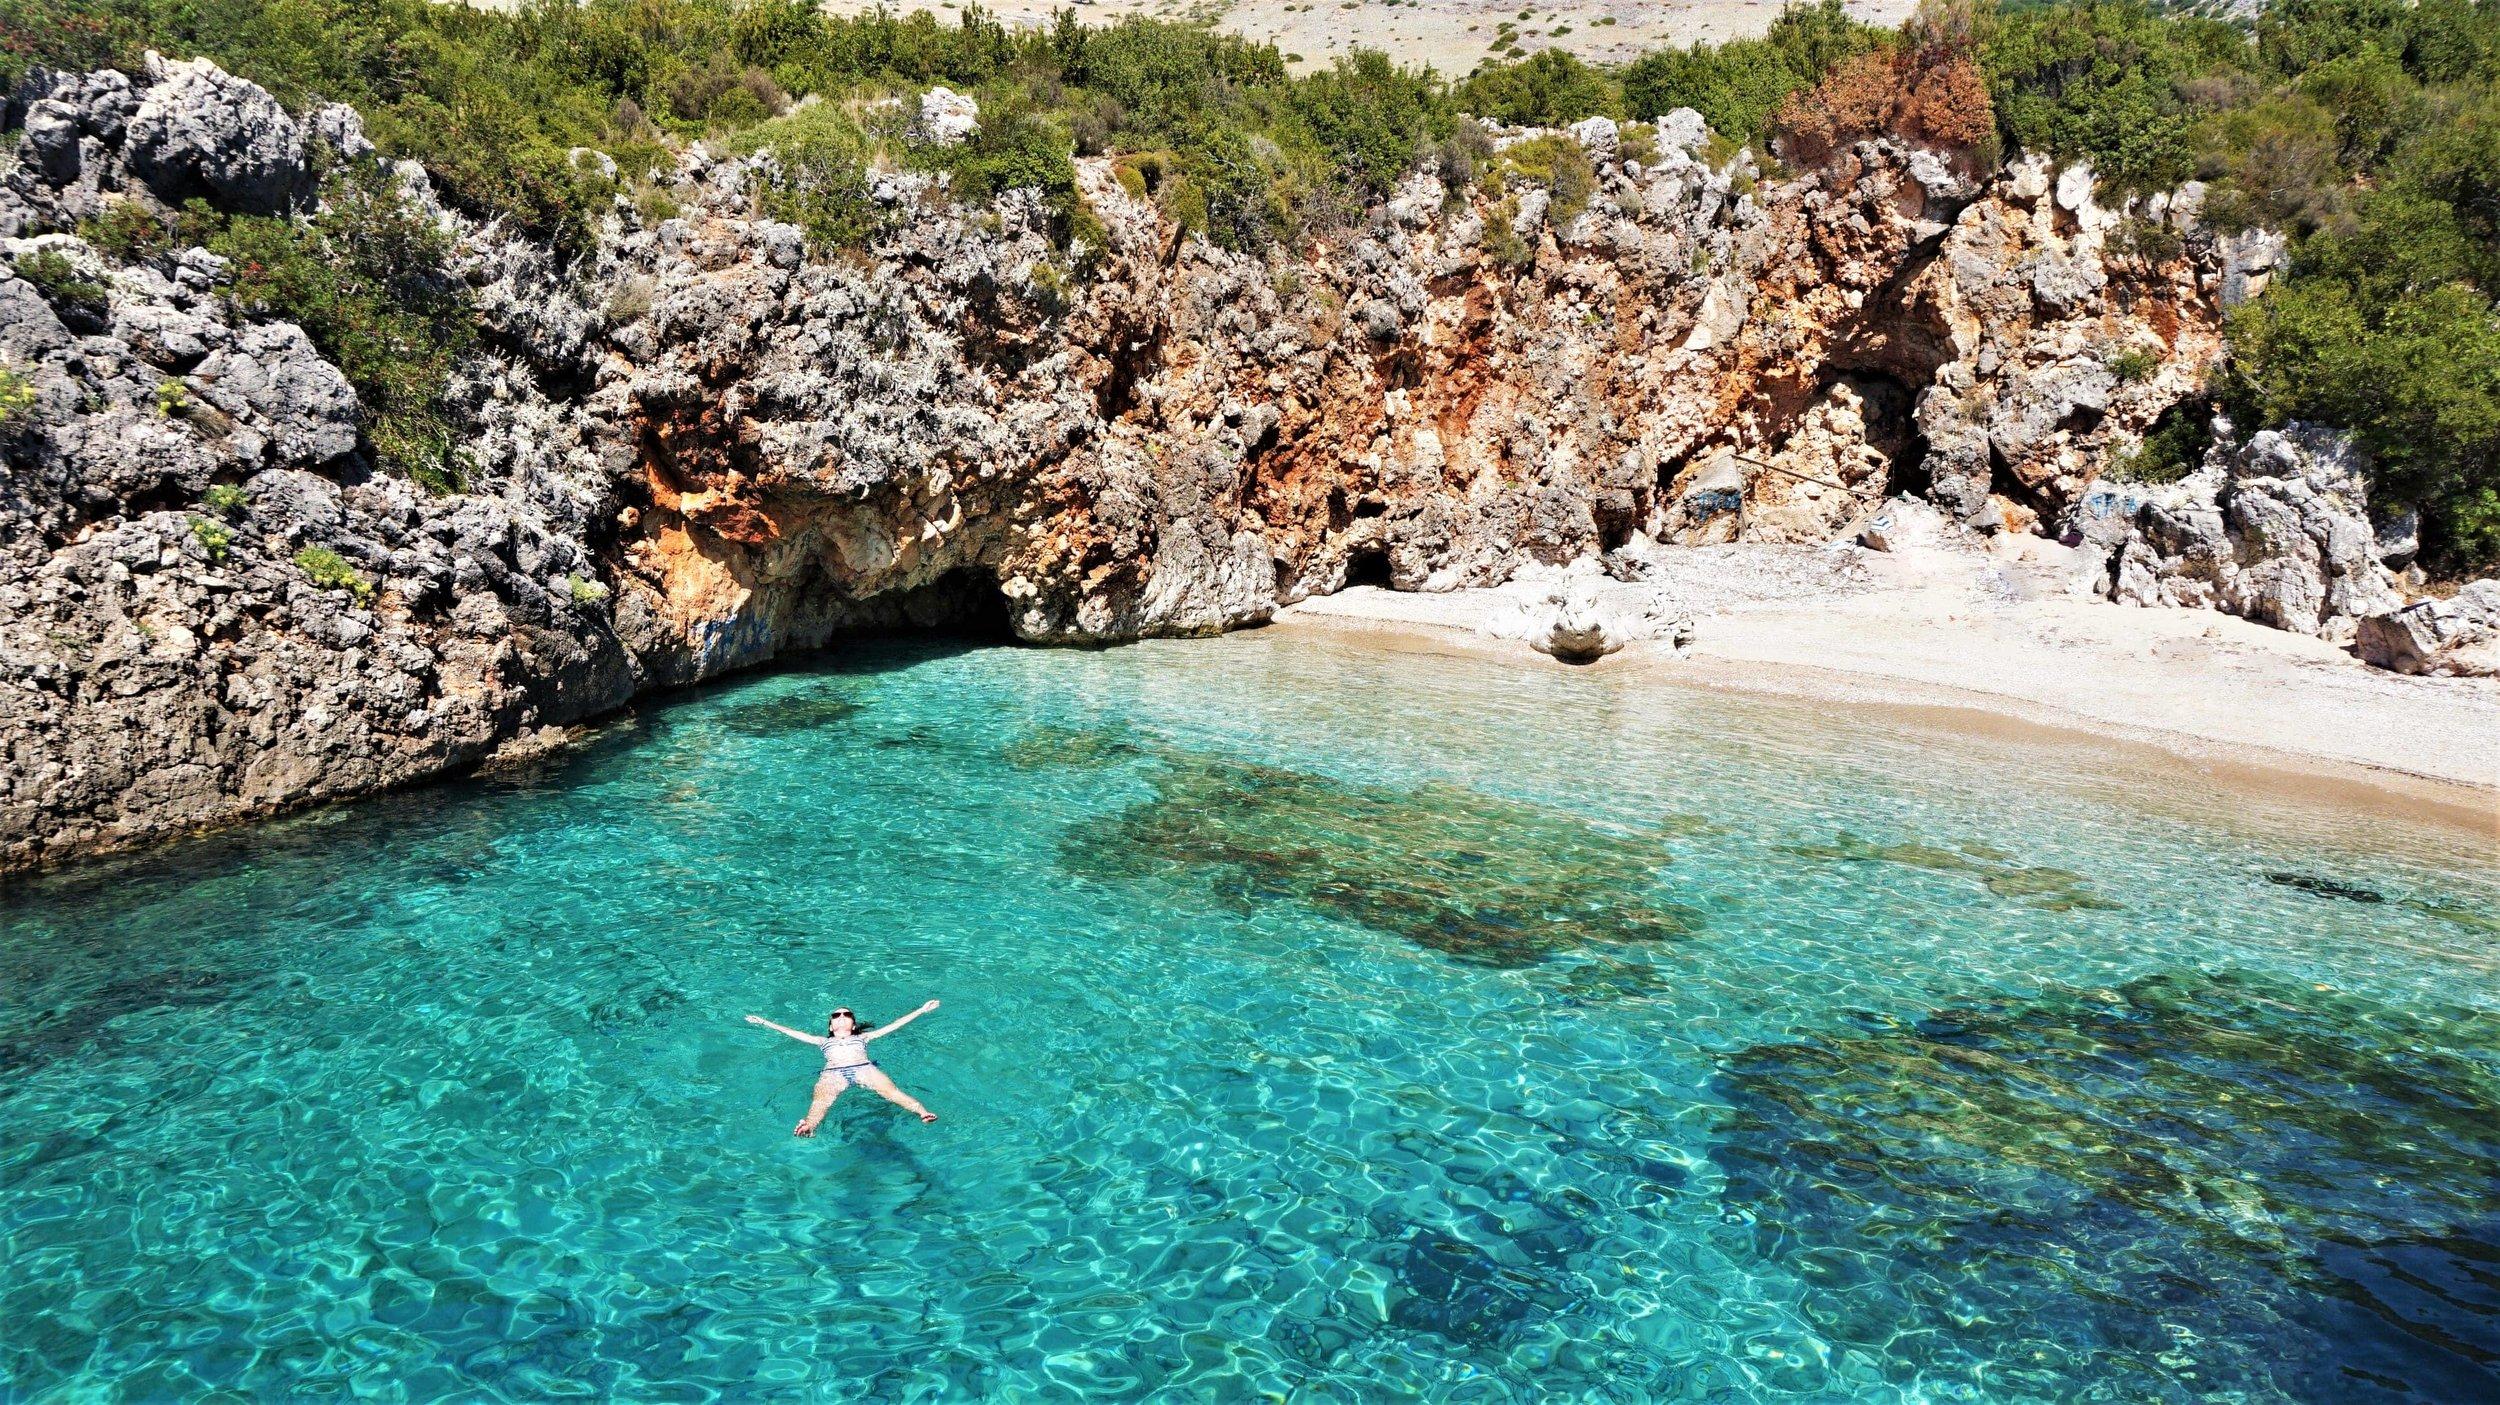 Beaches in Albania, a highlight of a road trip through the Balkans #Albania #roadtrip